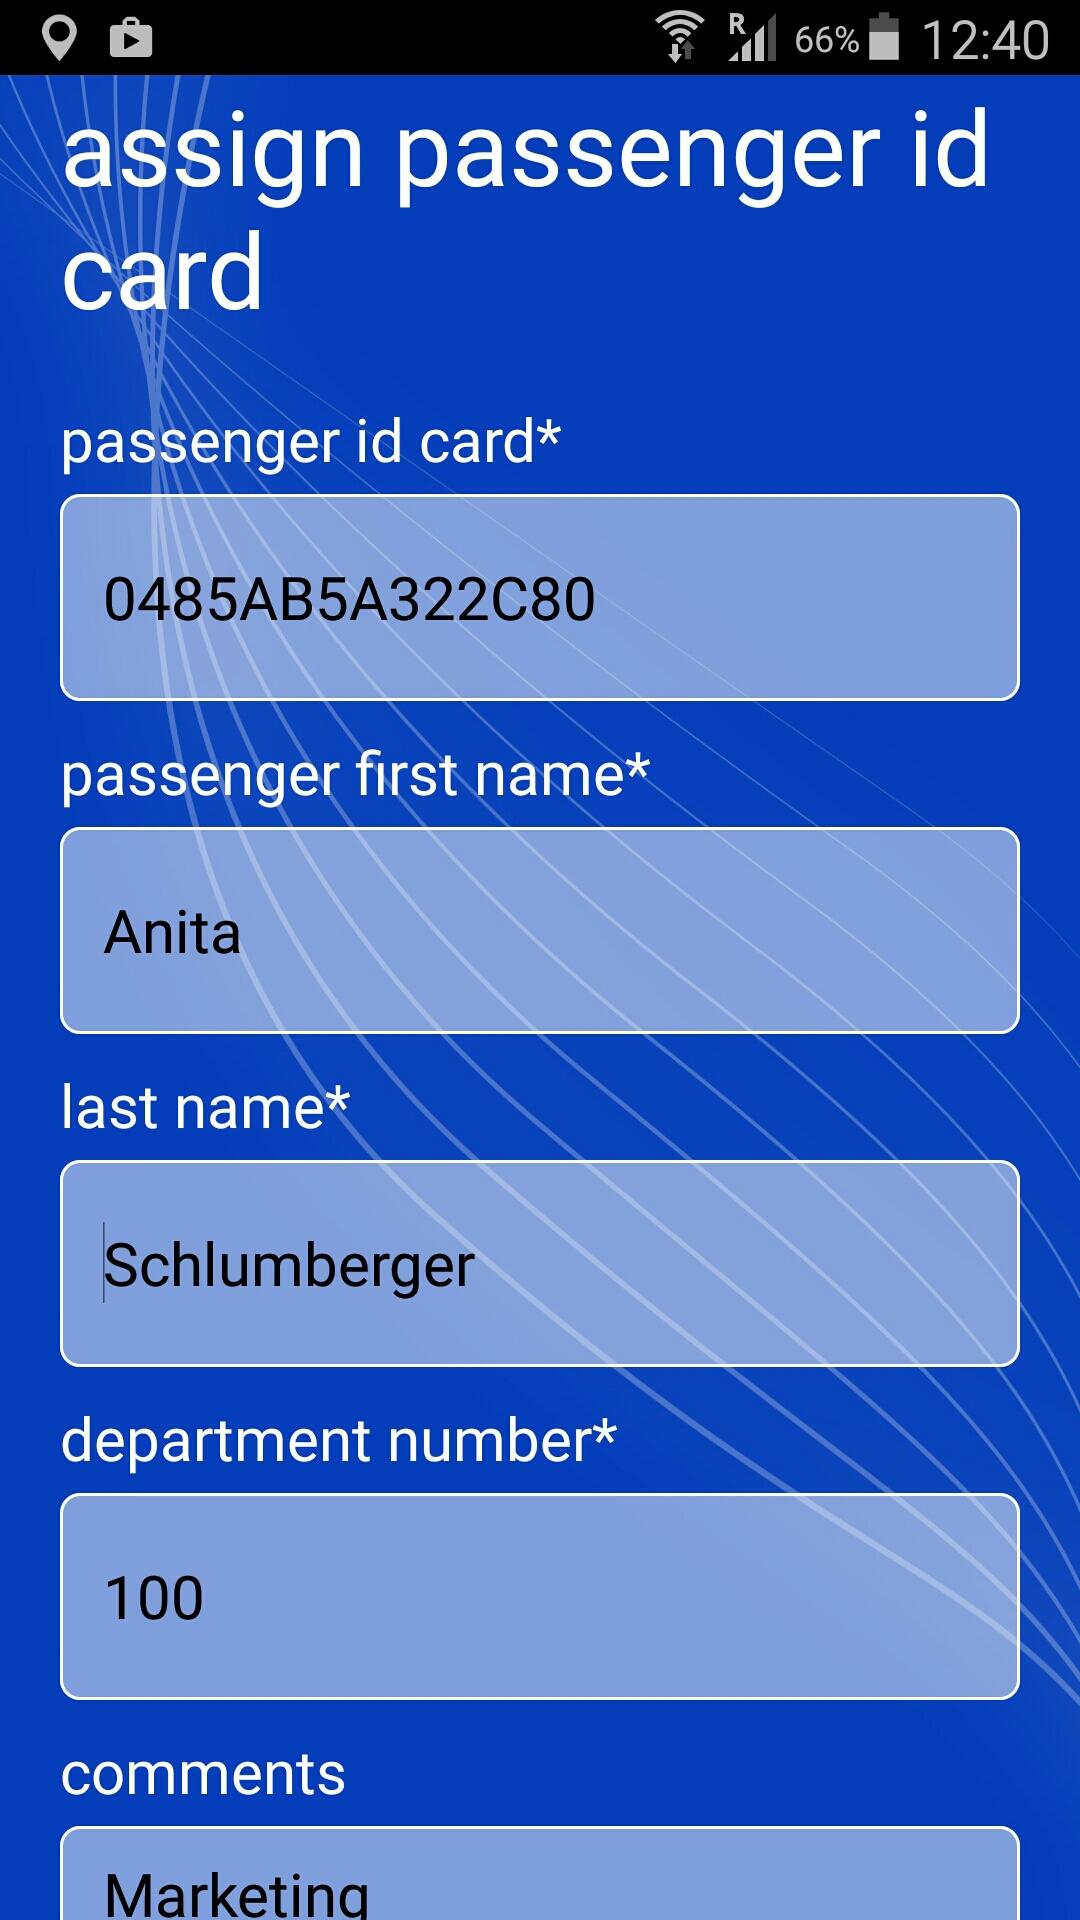 ginstr_app_busTransportationReport_EN_6